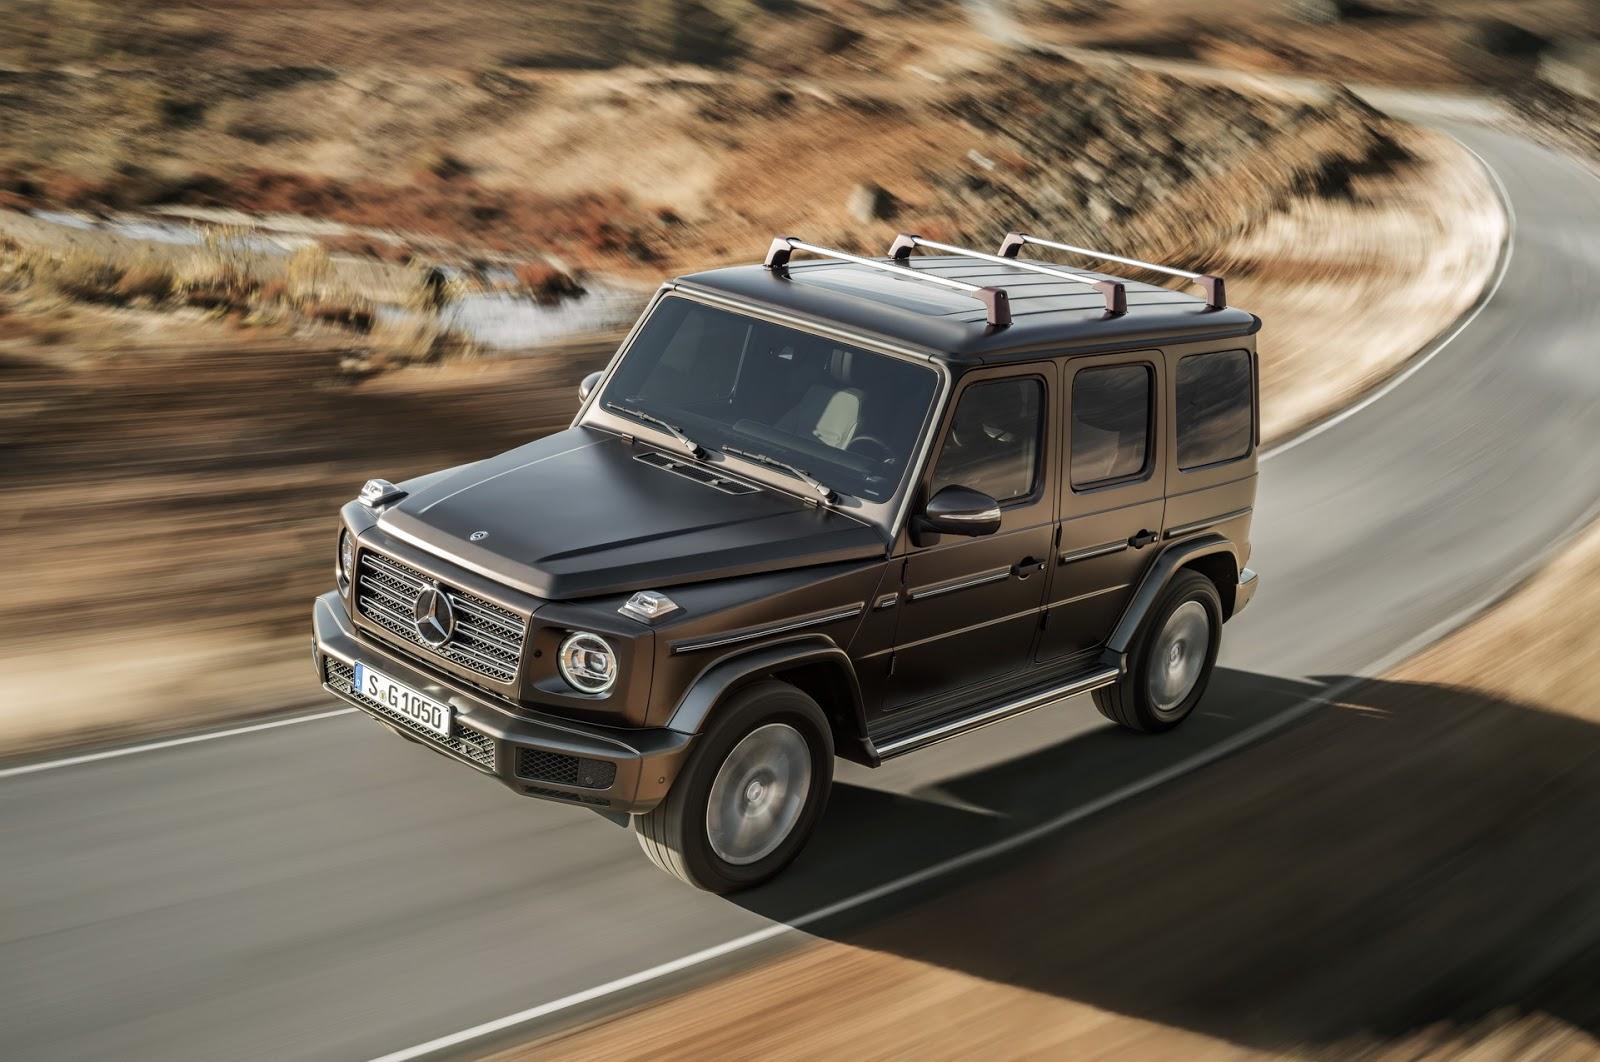 2019-Mercedes-Benz-G-Class-037.jpg